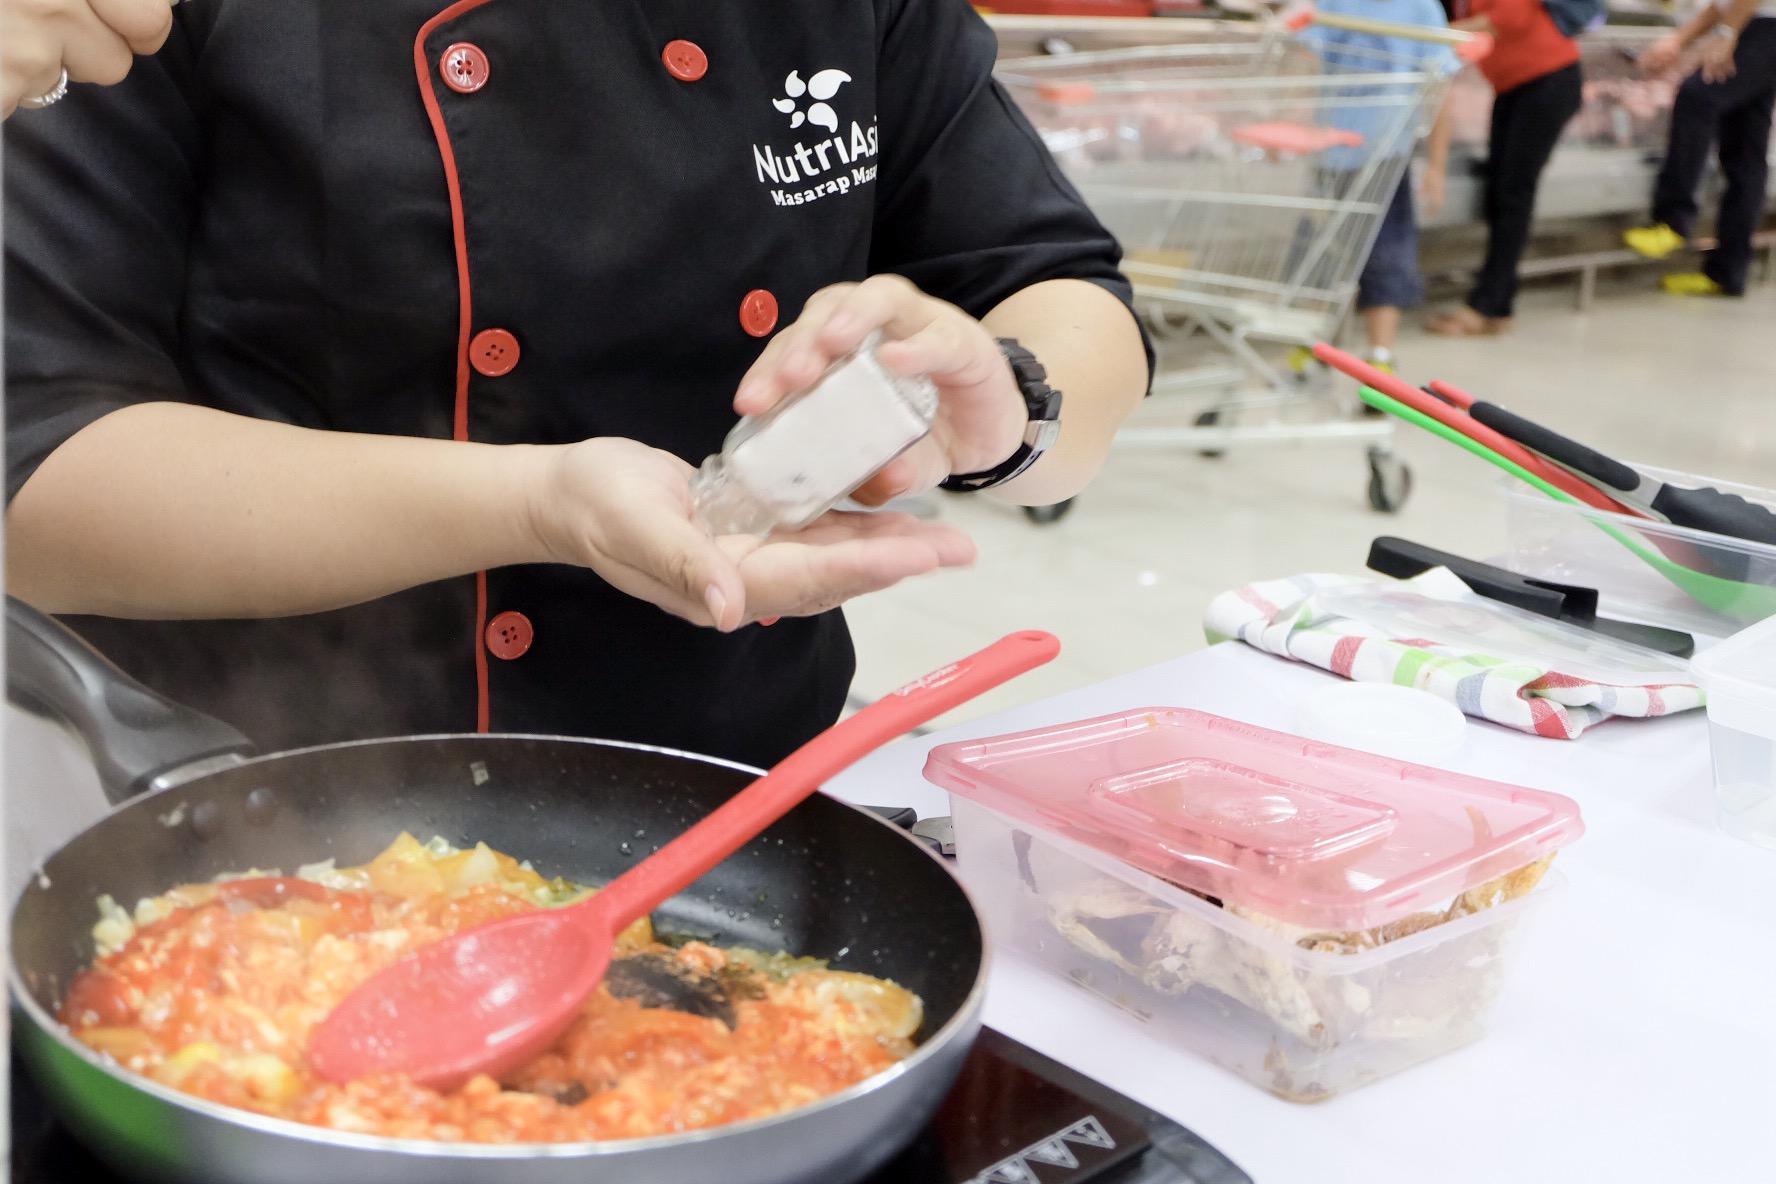 iamkimcharlie ufc cookfest 05